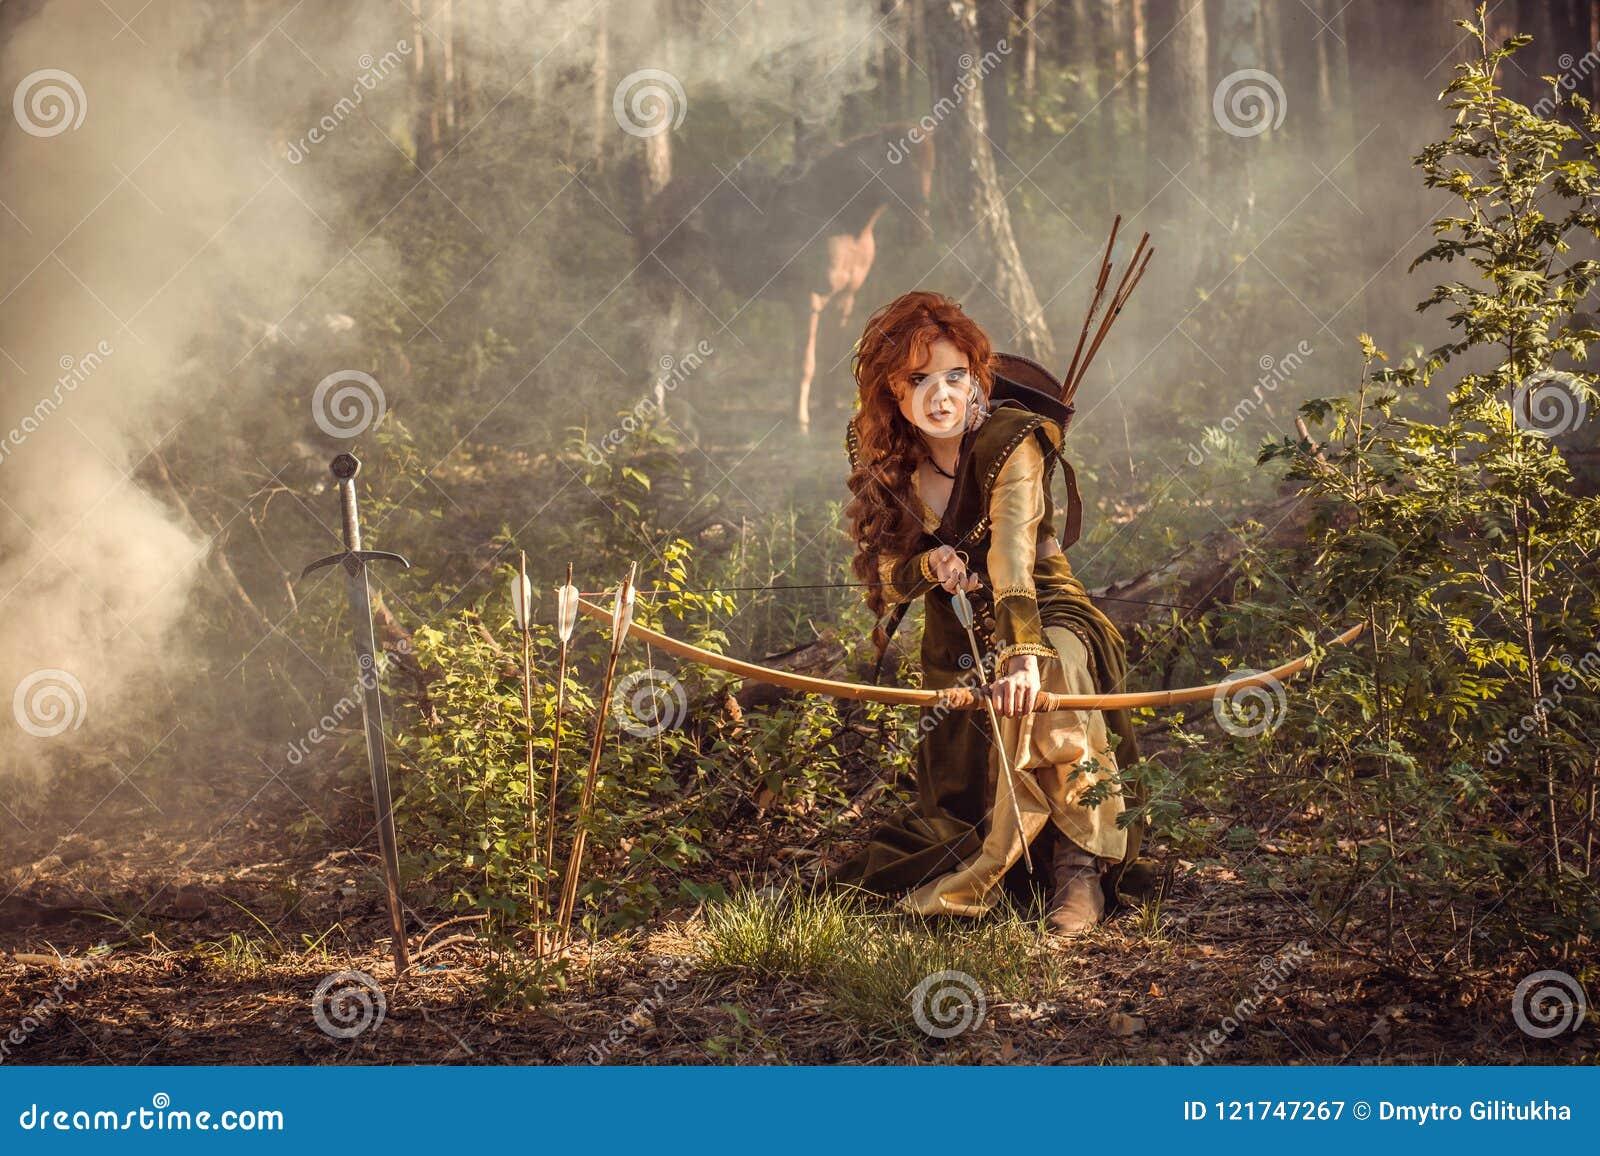 Μεσαιωνικό κυνήγι γυναικών φαντασίας στο δάσος μυστηρίου